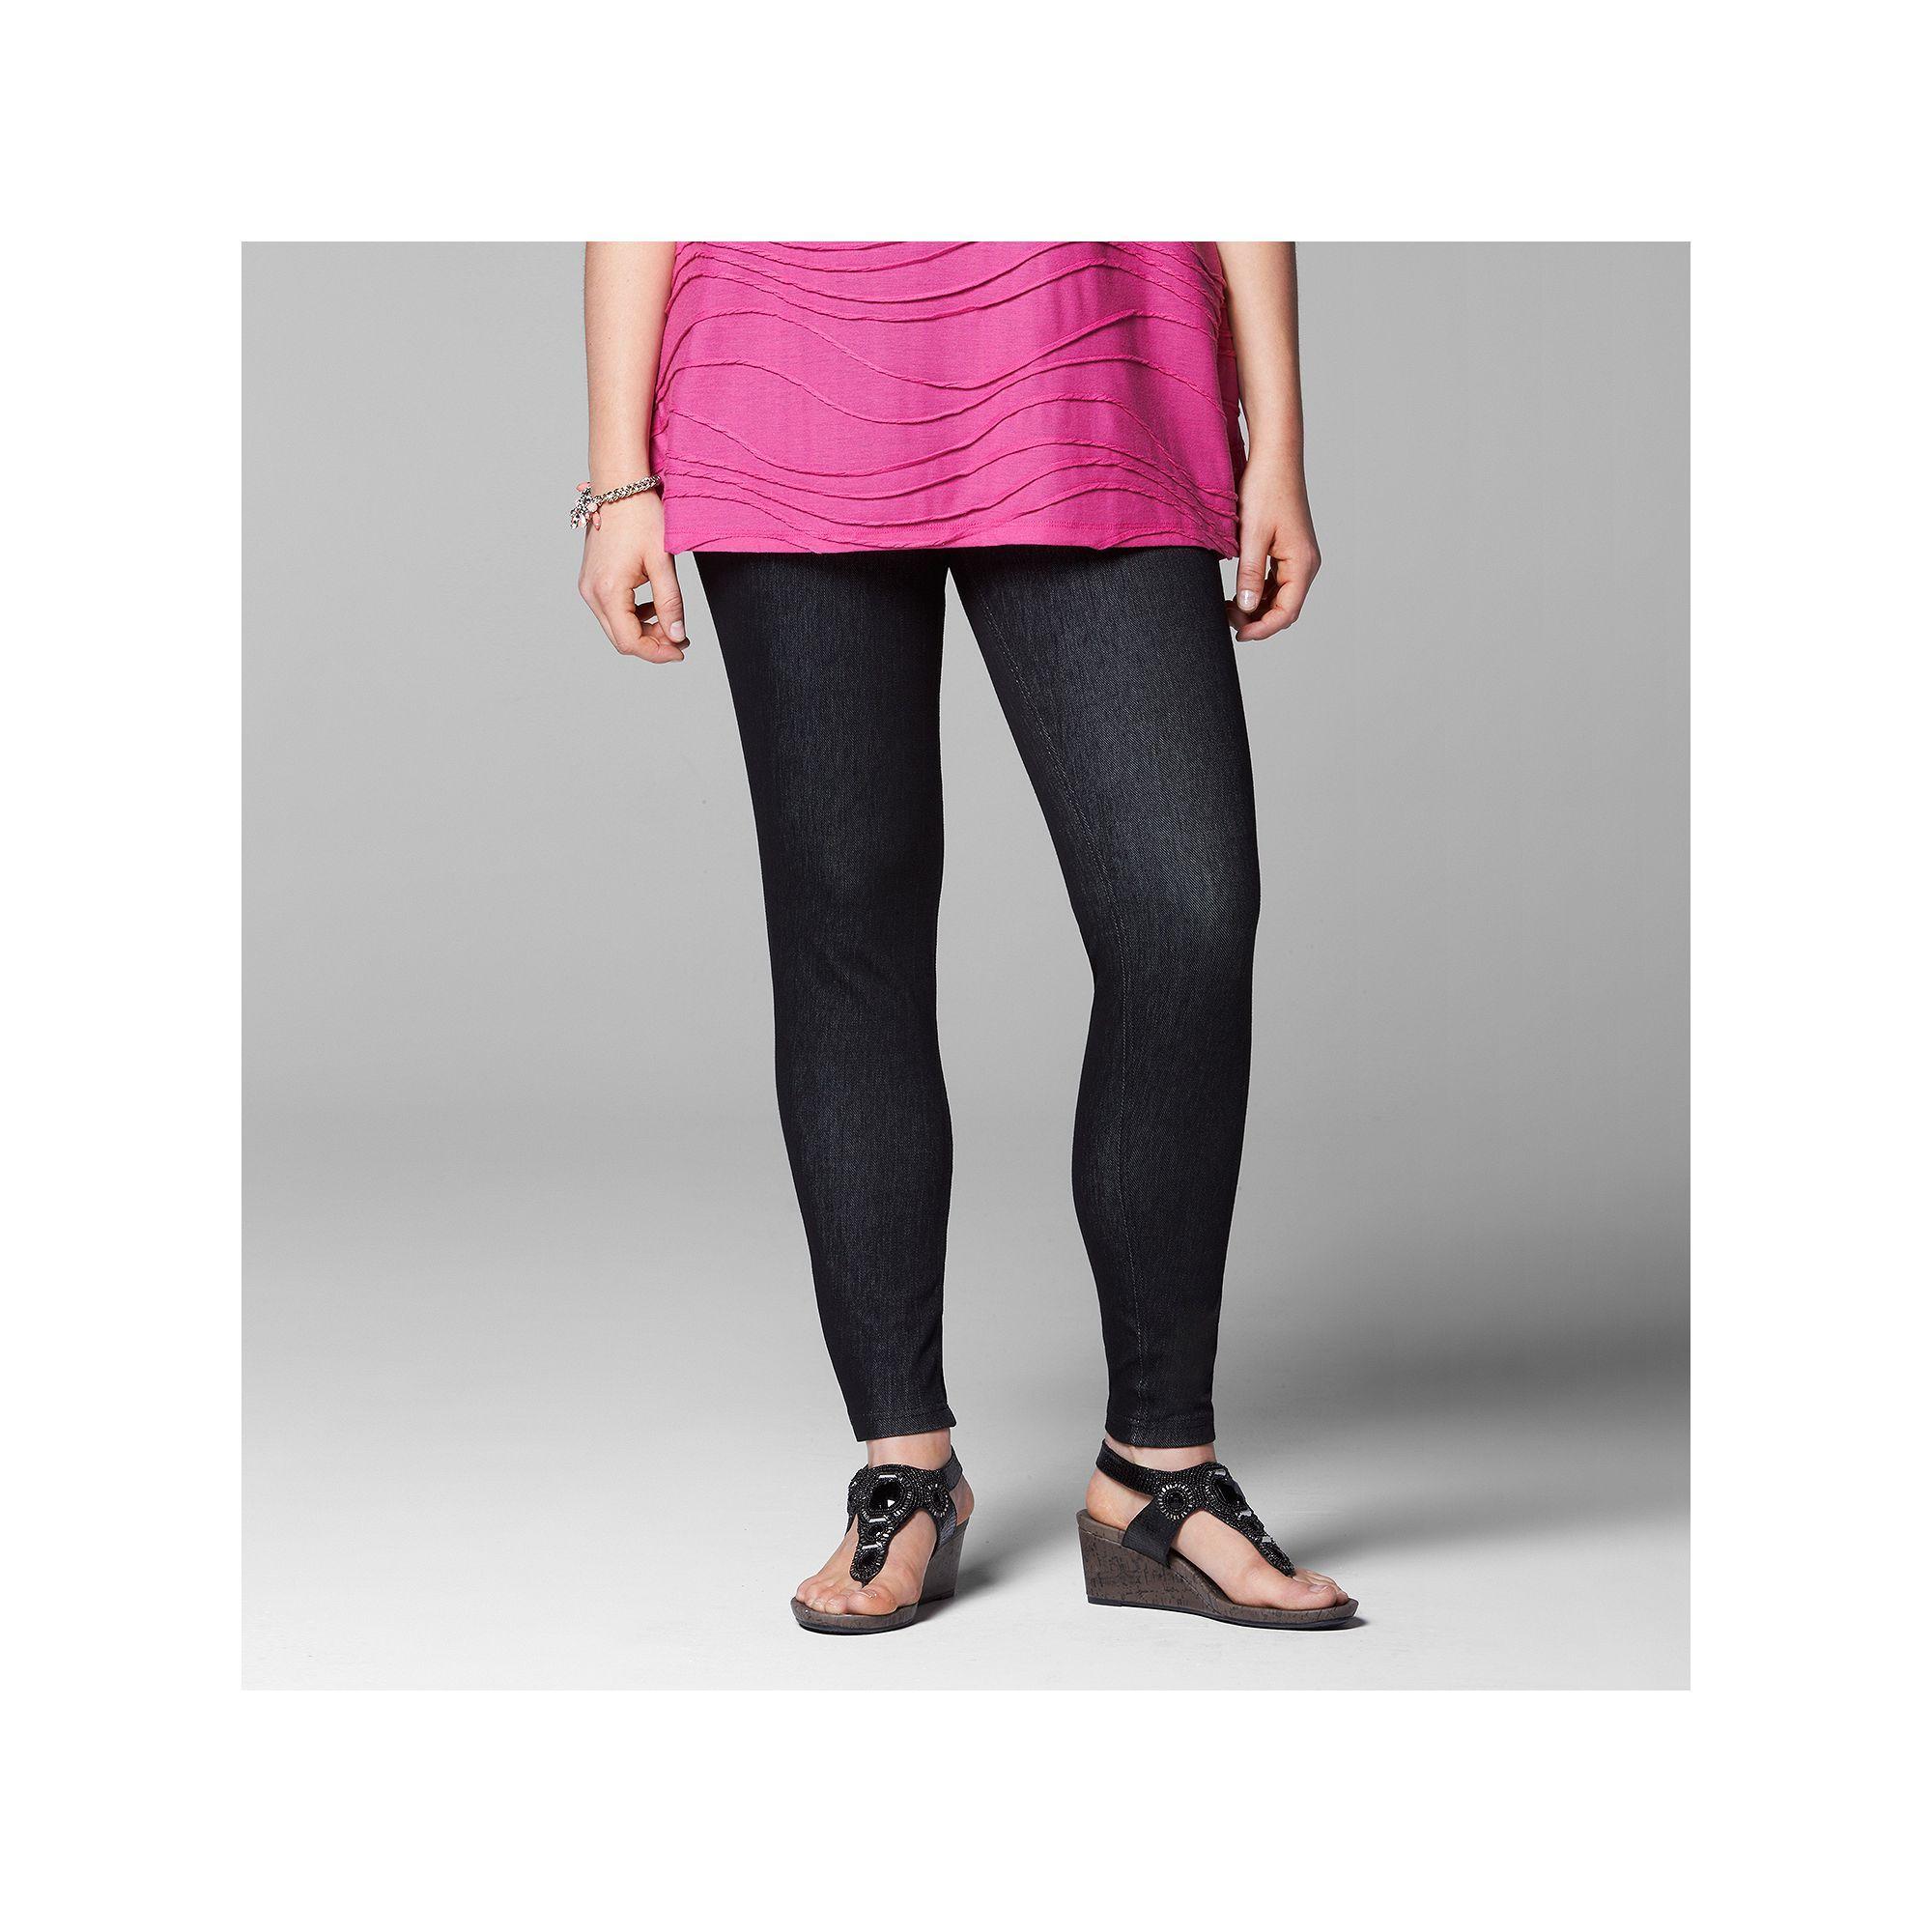 55125c35ffb Plus Size Simply Vera Vera Wang Rivet Denim Leggings